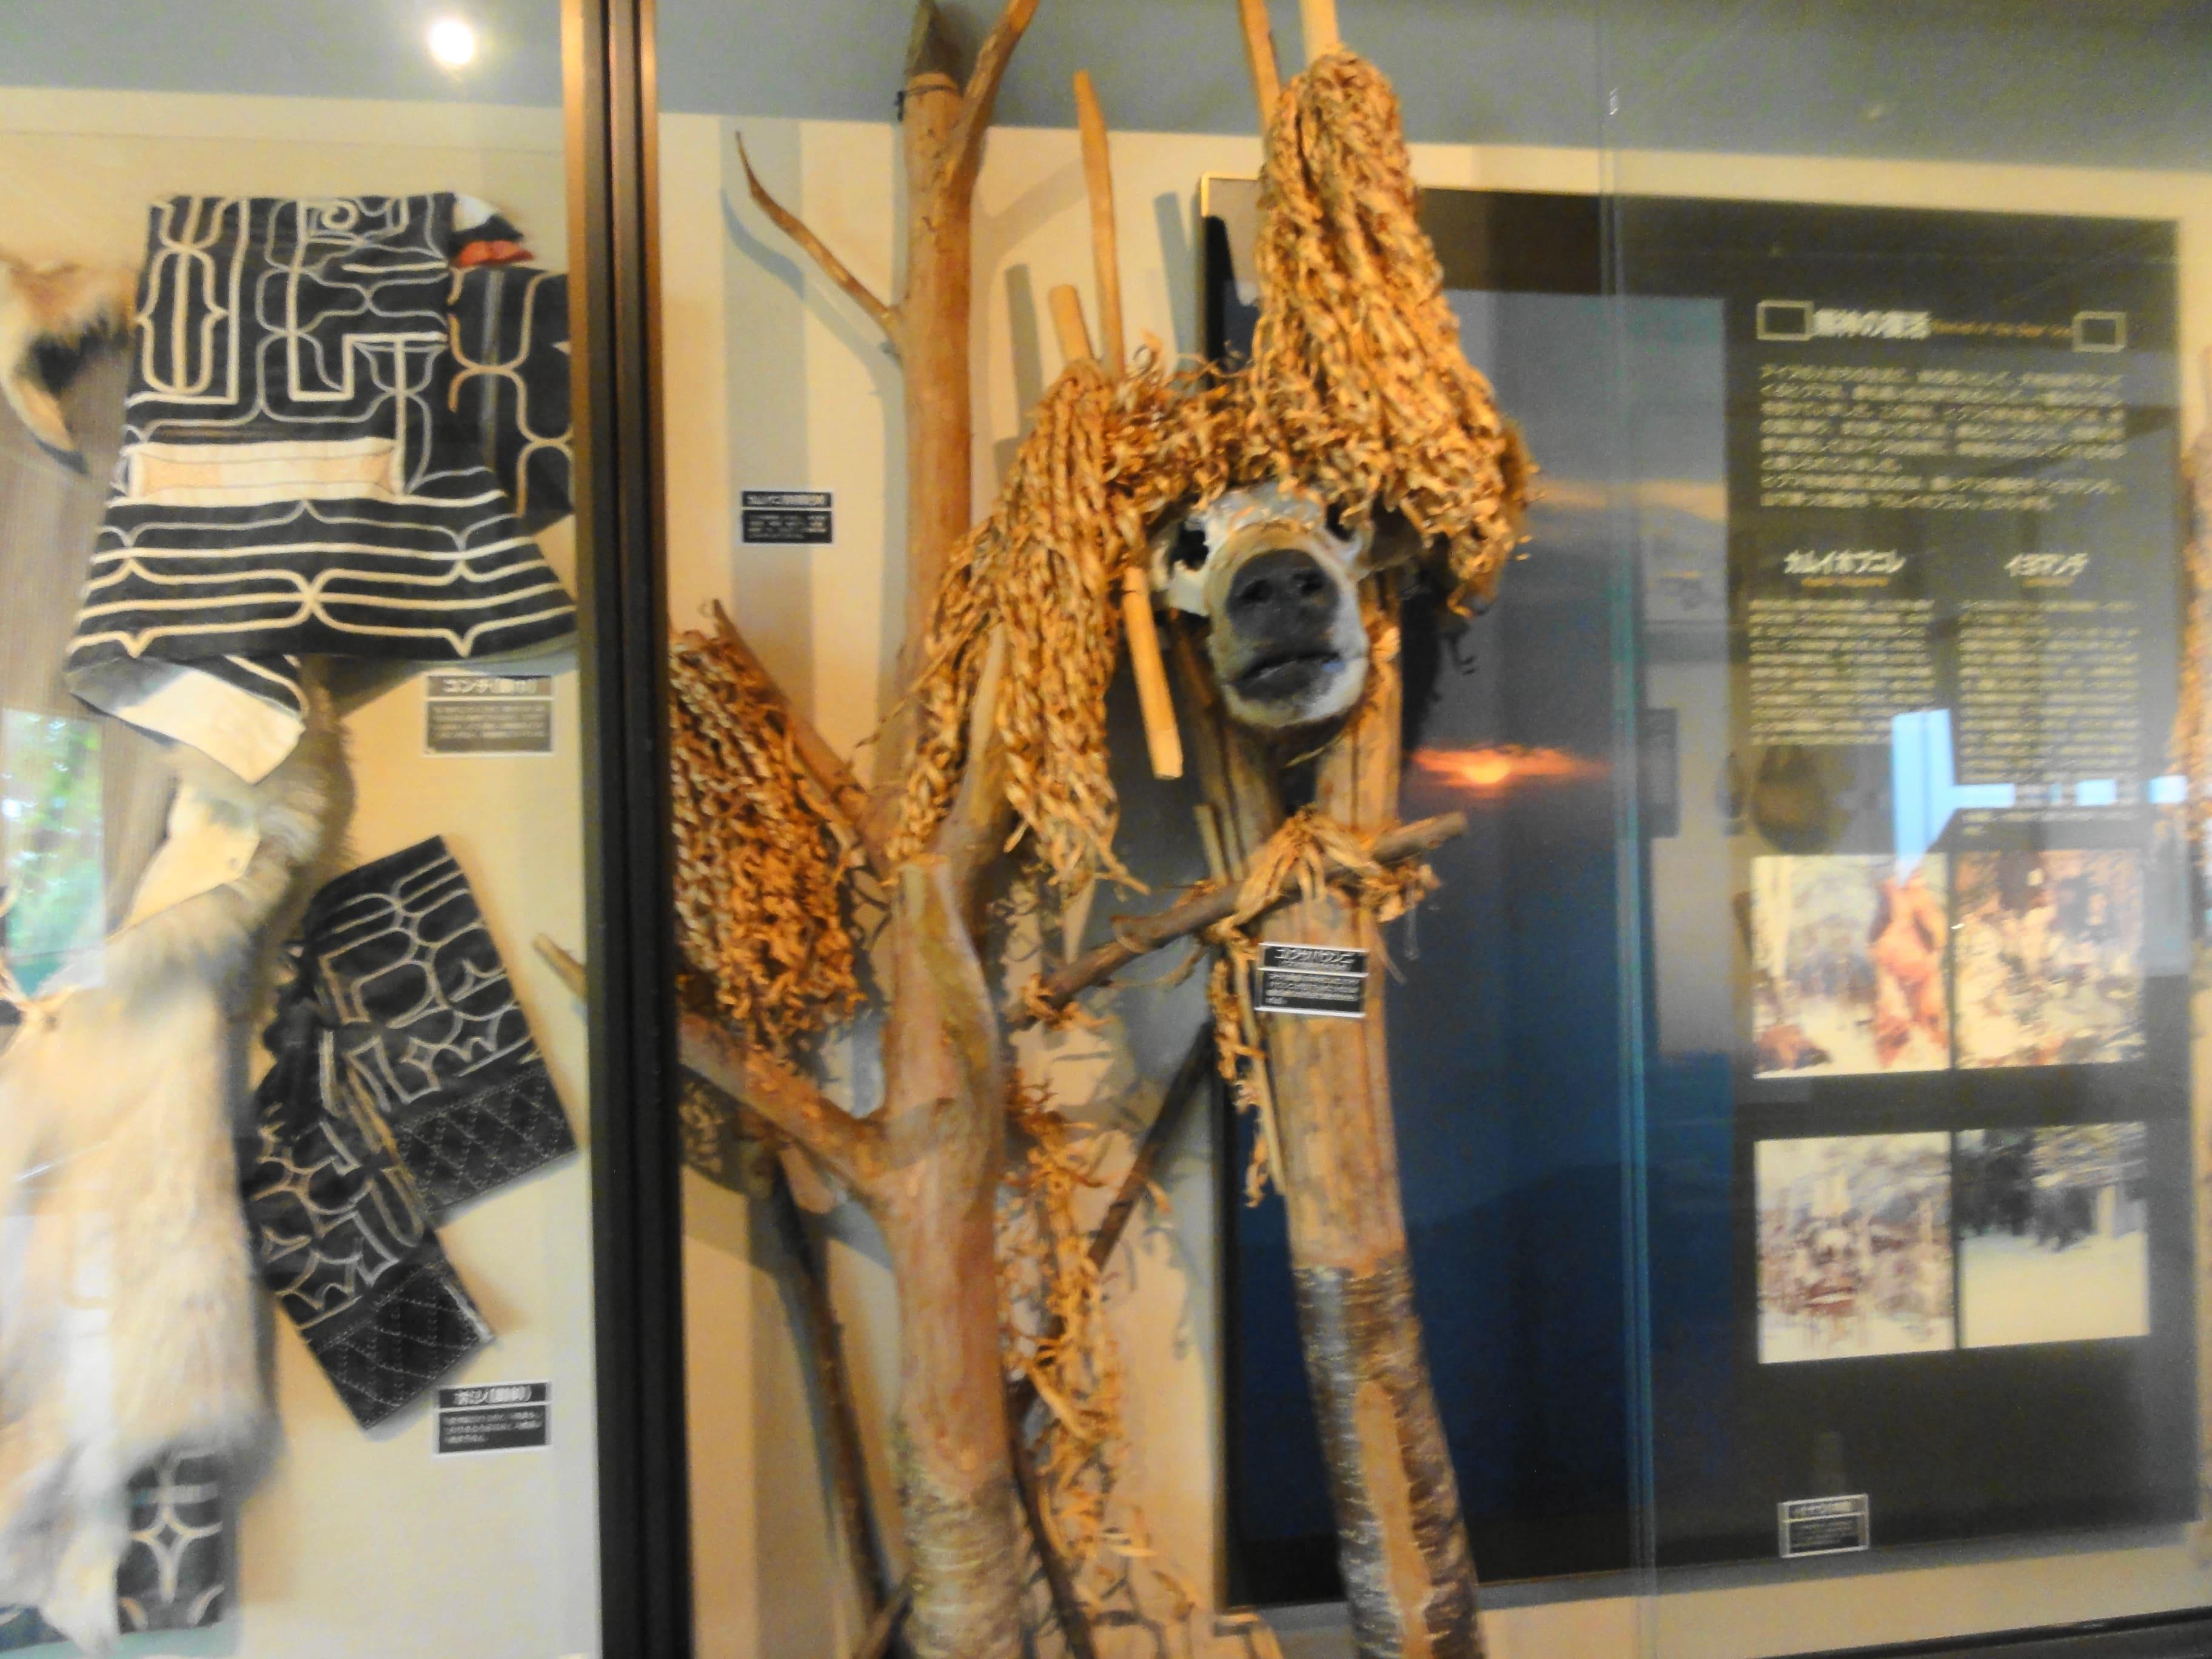 アイヌ文化の展示